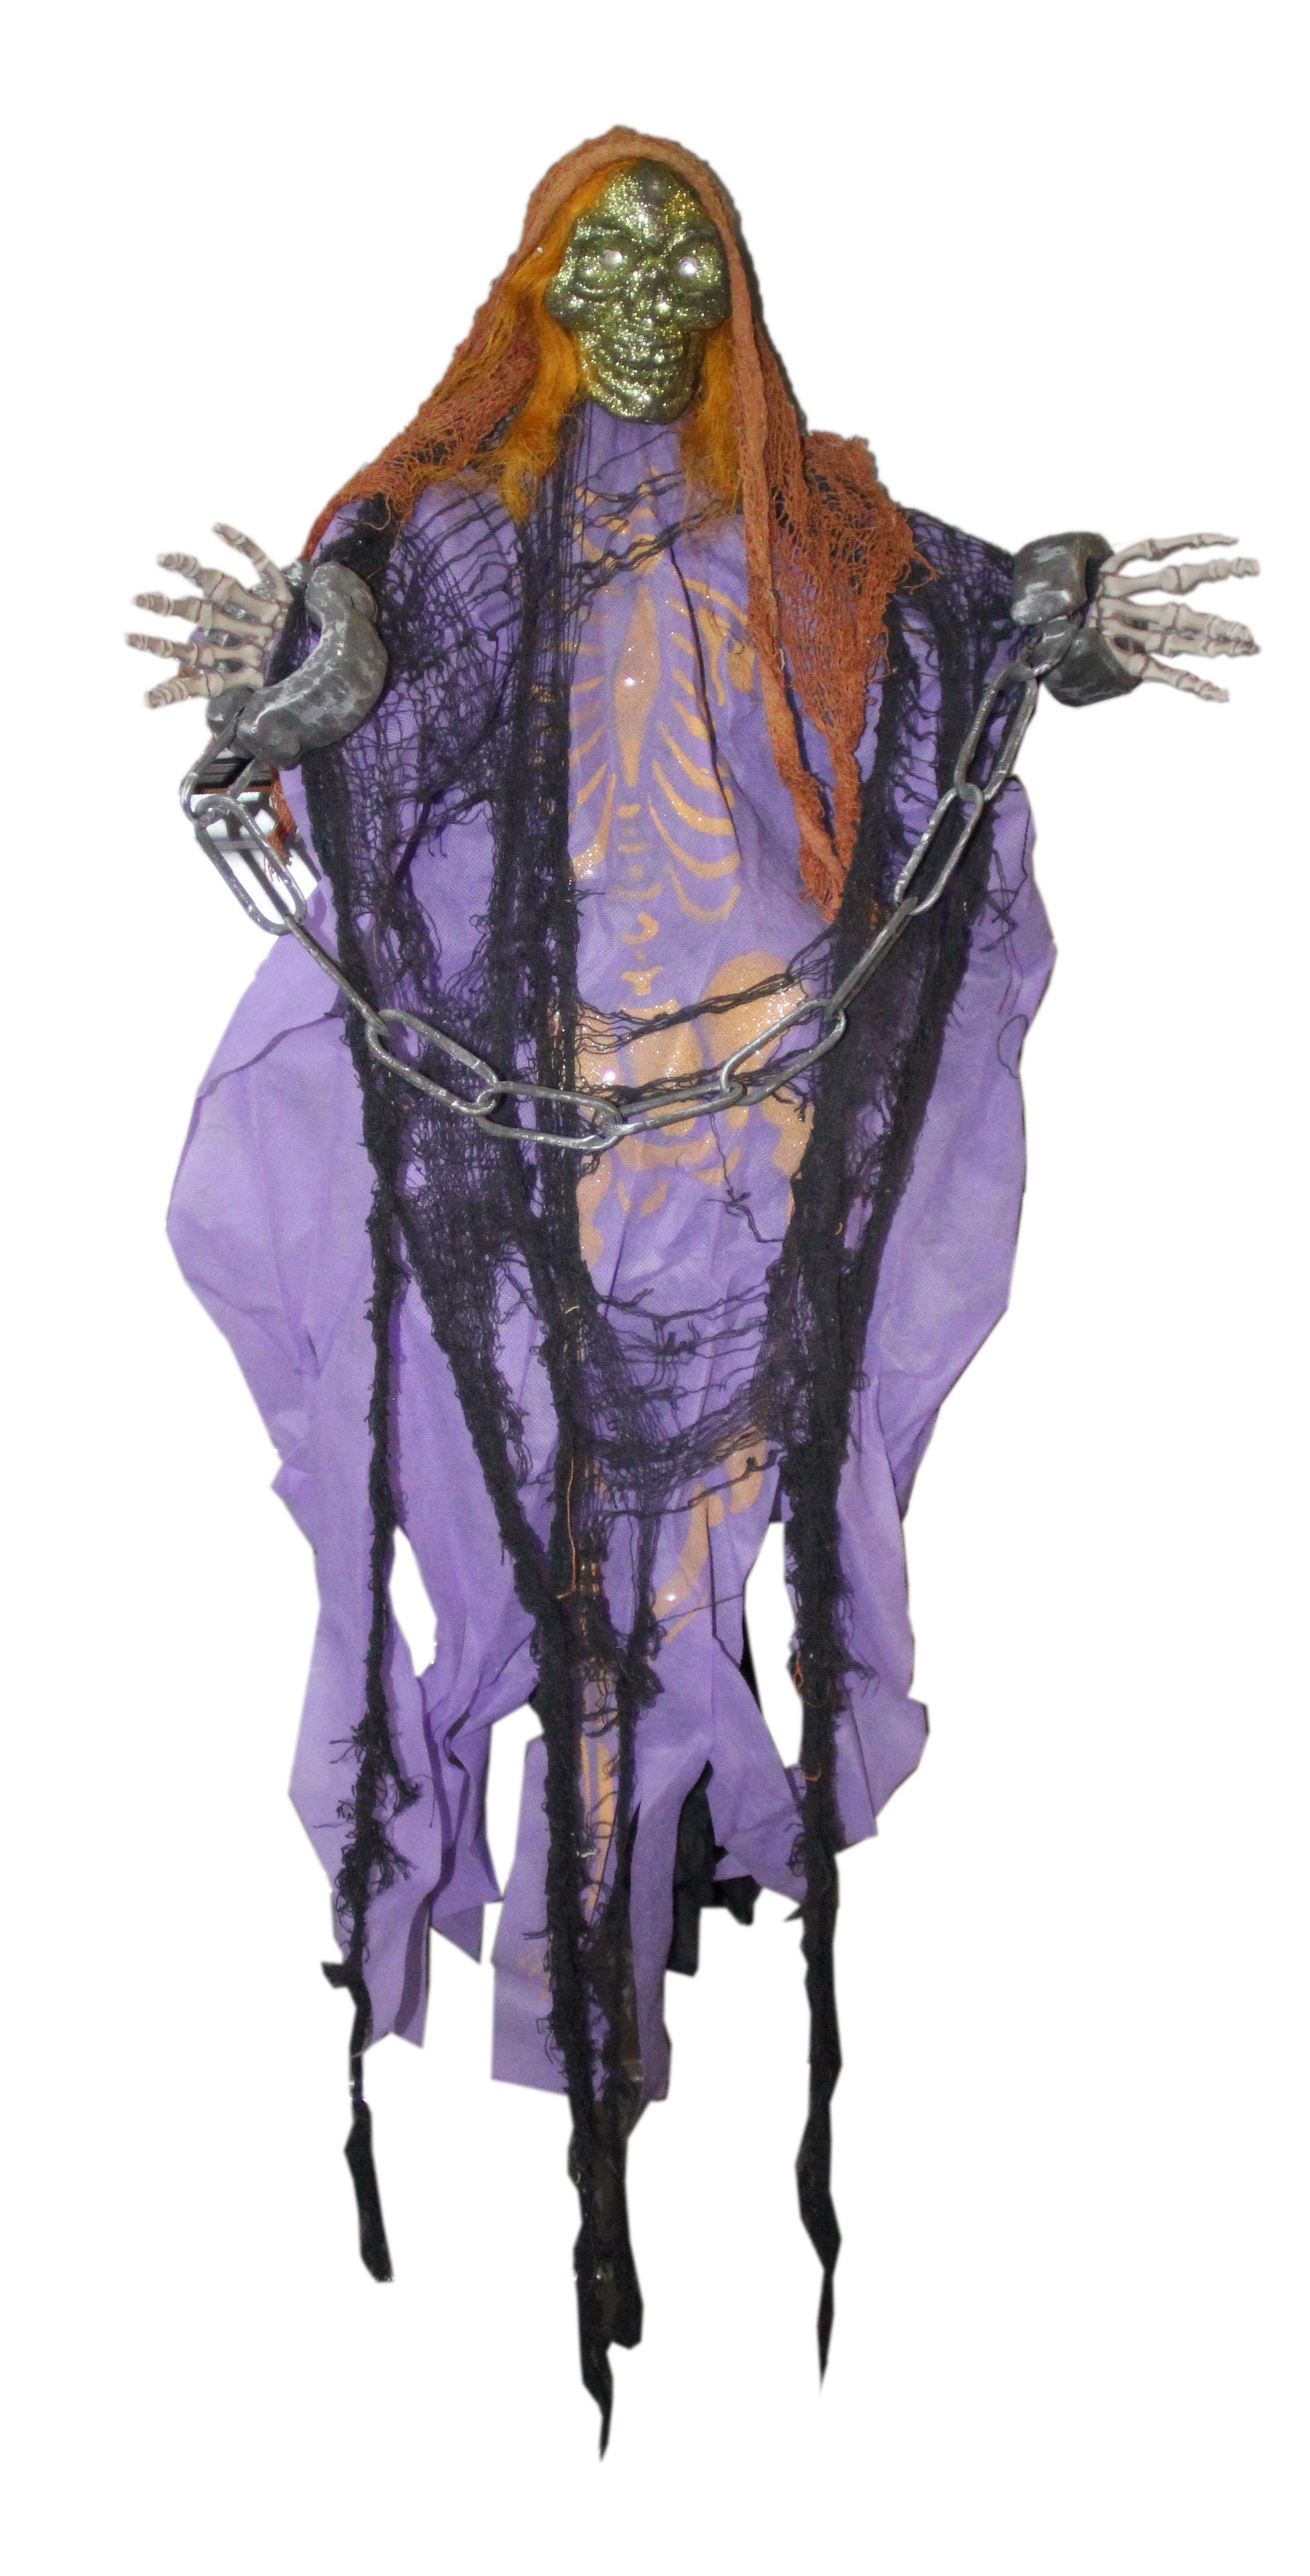 Декорация Узник в кандалах (UNI) -  Аксессуары на Хэллоуин